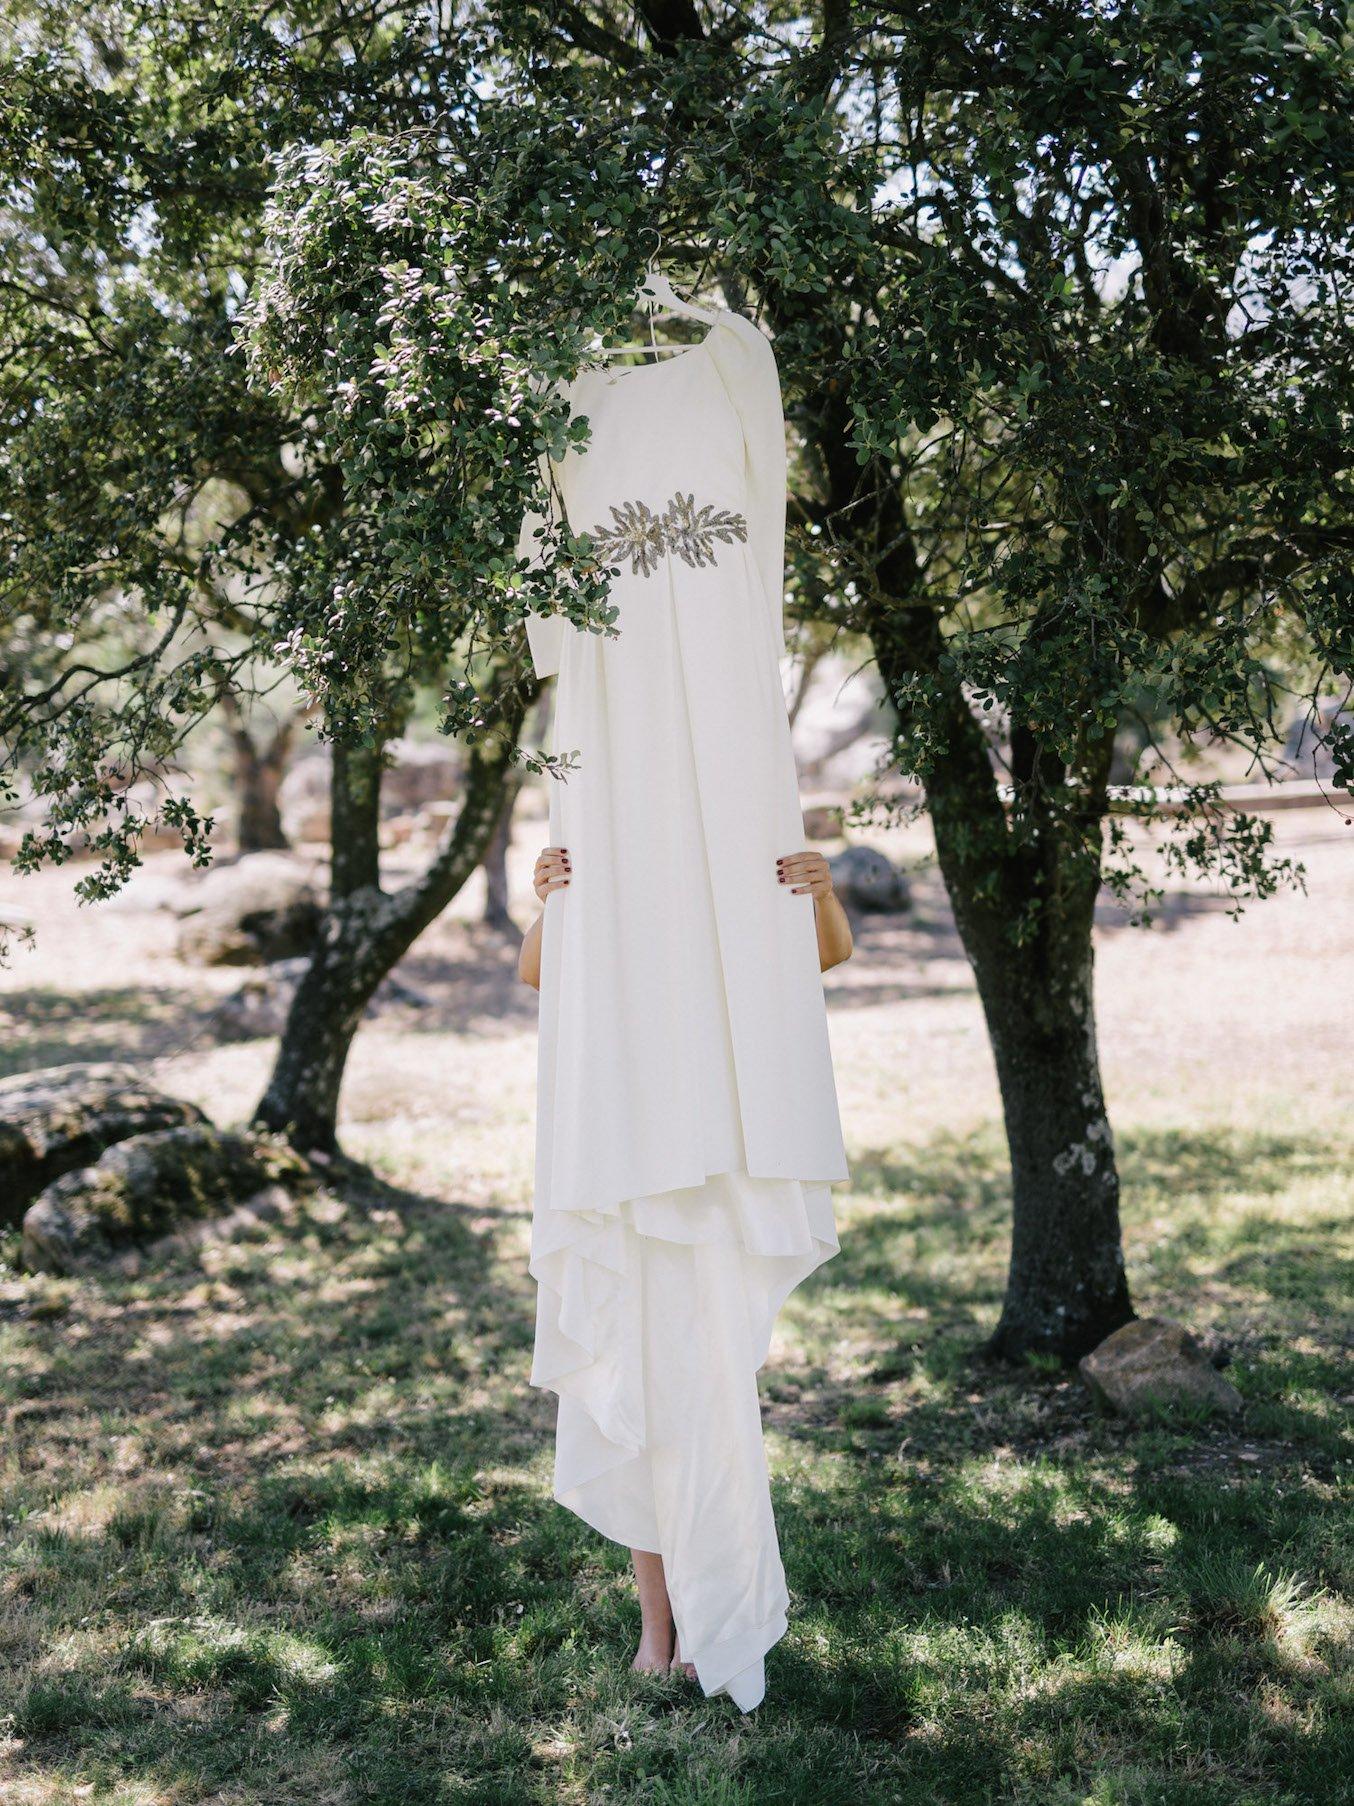 La boda de Paola y Nacho-9771-misscavallier